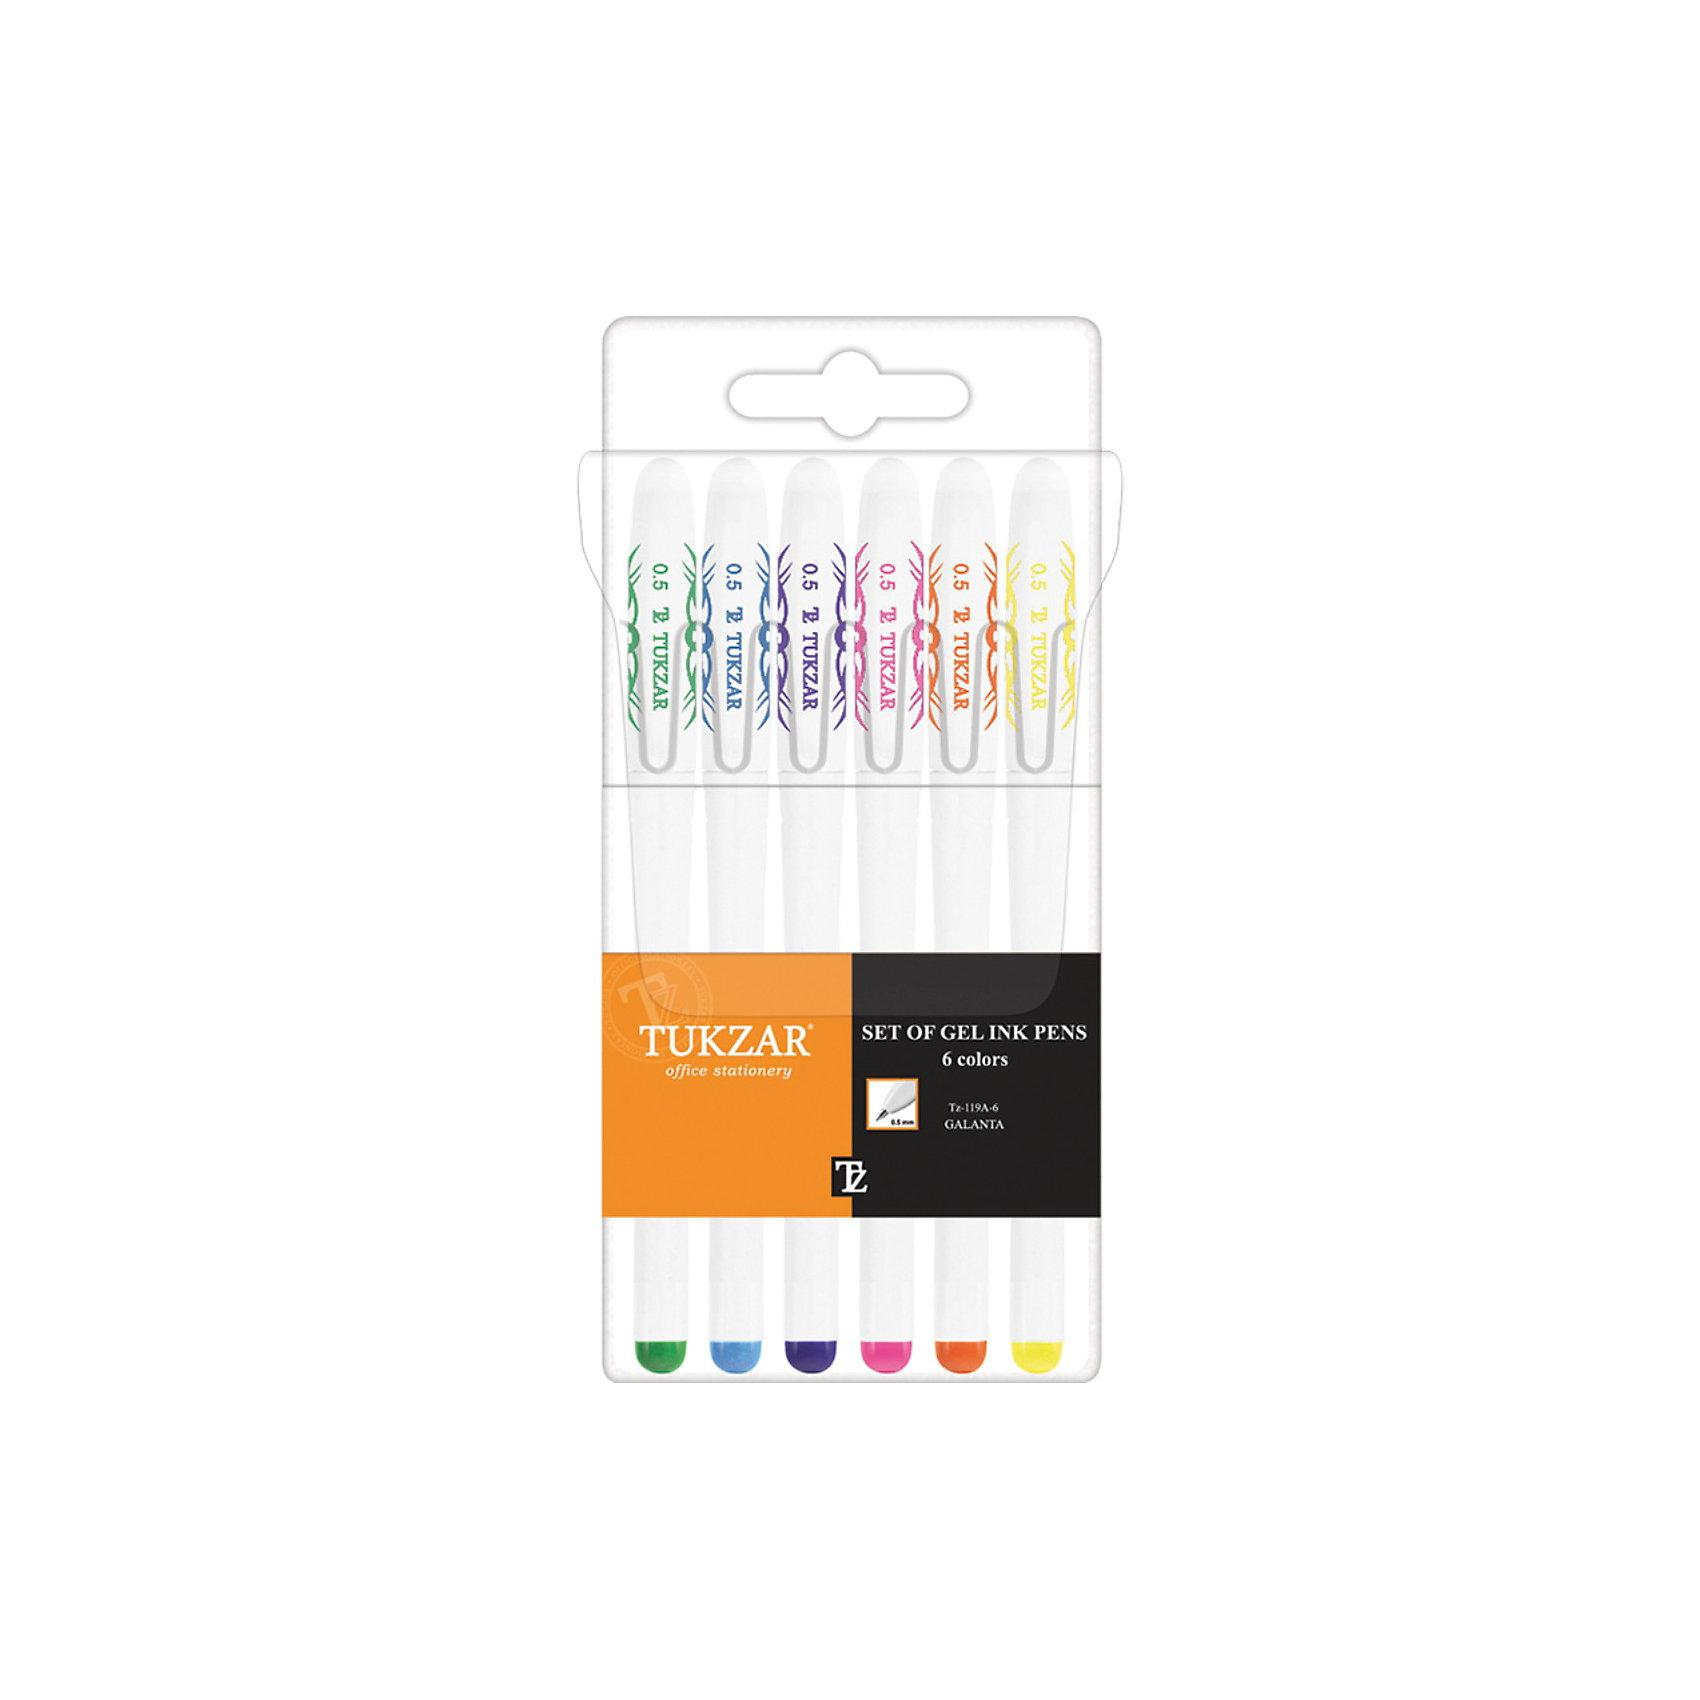 TUKZAR TUKZAR Набор гелевых ручек: 6  цветов, флуоресцентные набор гелевых ручек для tatу 6 гел ручек трафарет